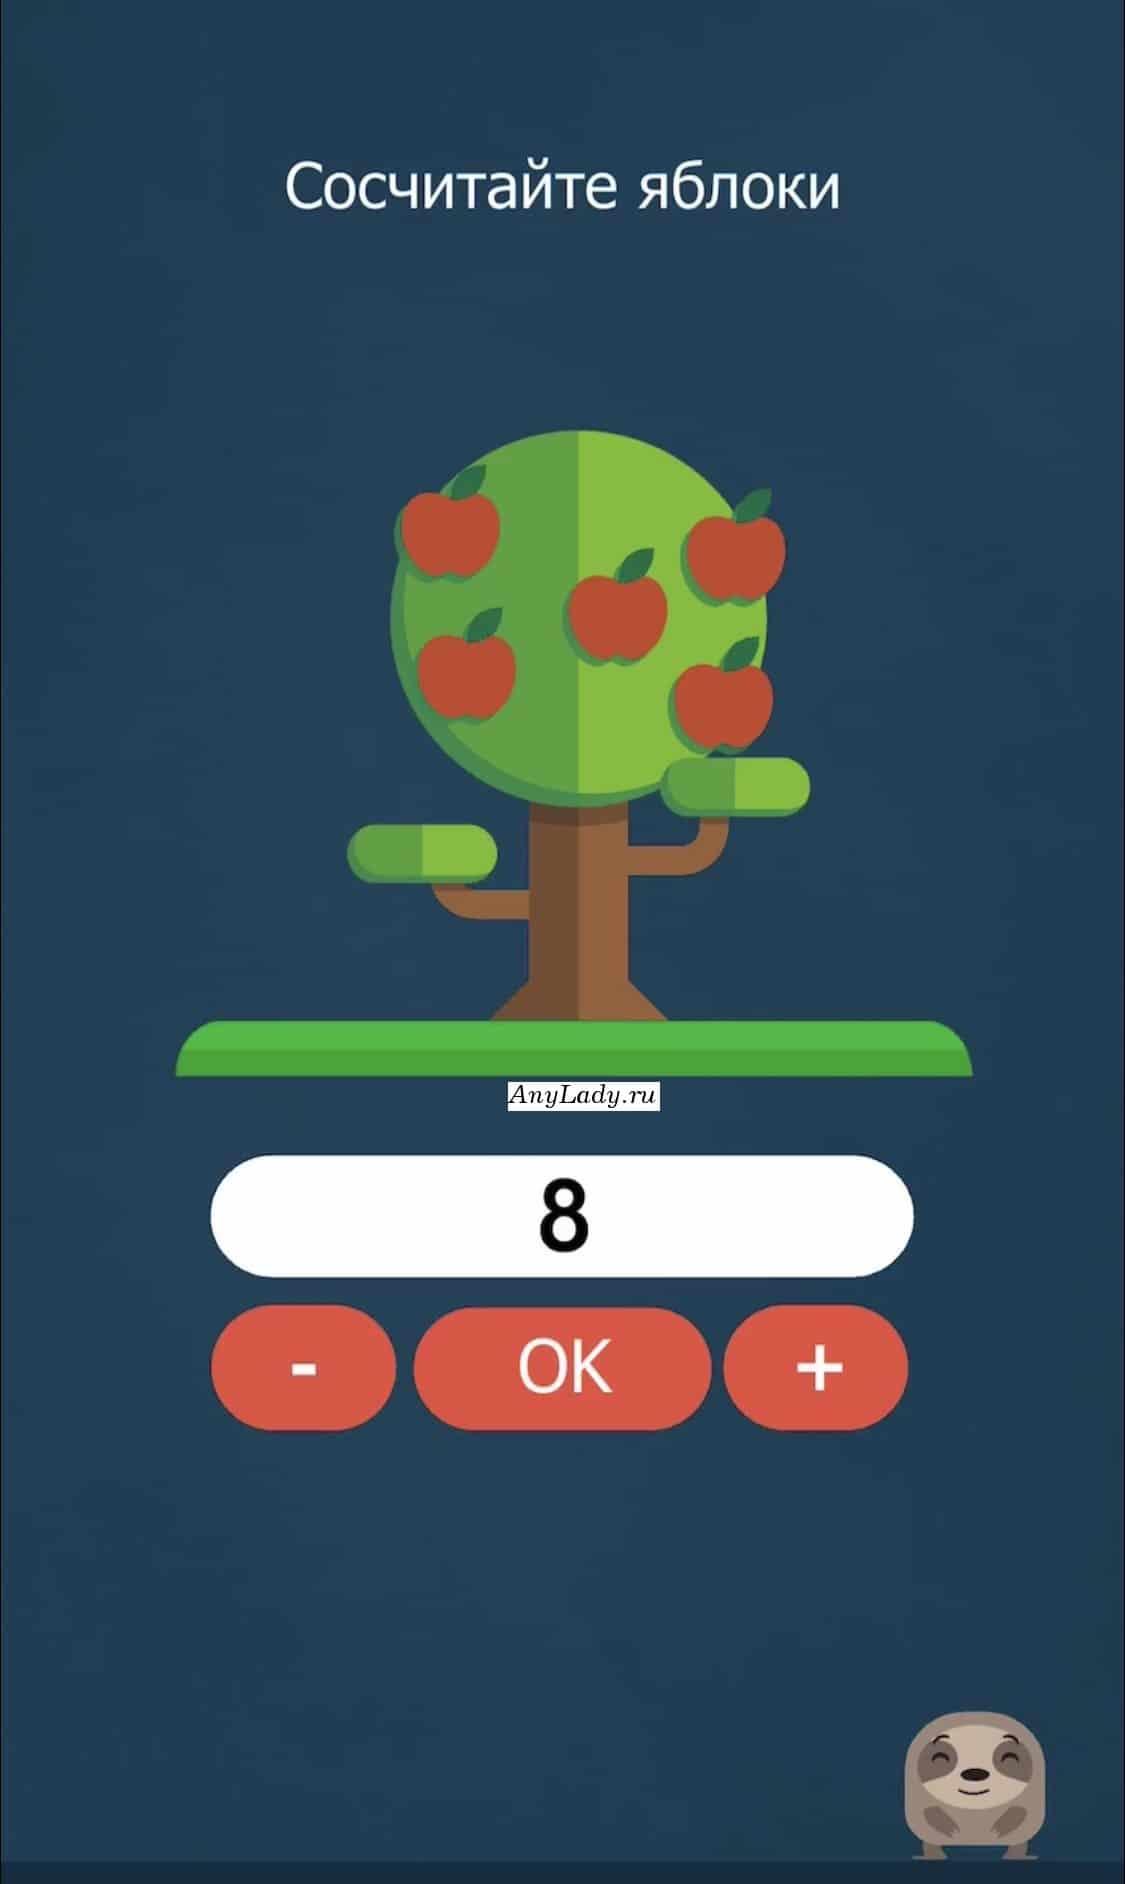 По трясите мобильный телефон и яблоки сорвутся на лужайку, правильный ответ: 8 - восемь яблок.